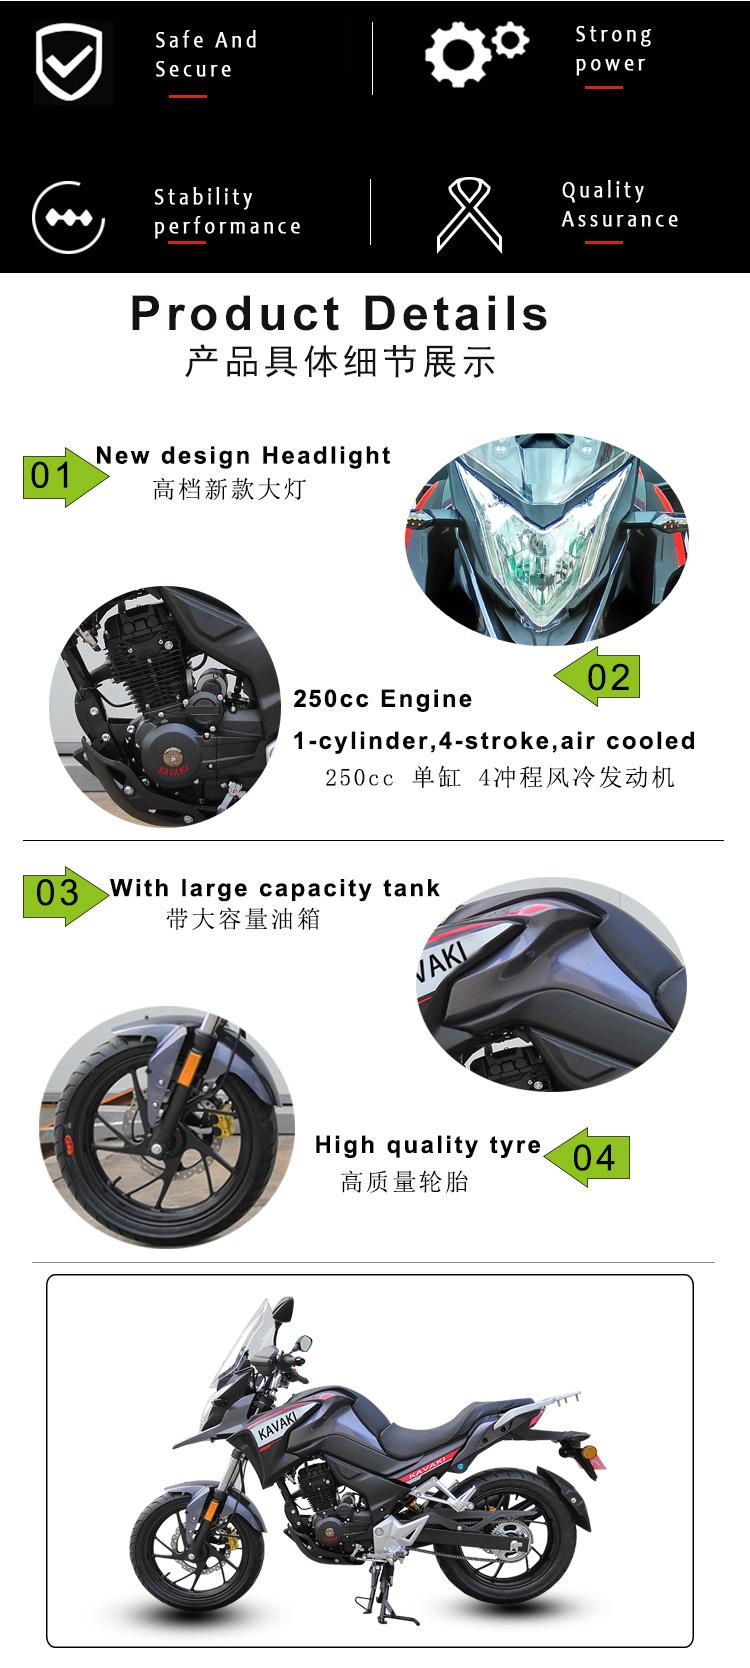 新スタイル 2019 ディーゼル/ガス二輪オートバイとオートバイエンジンヘルメット